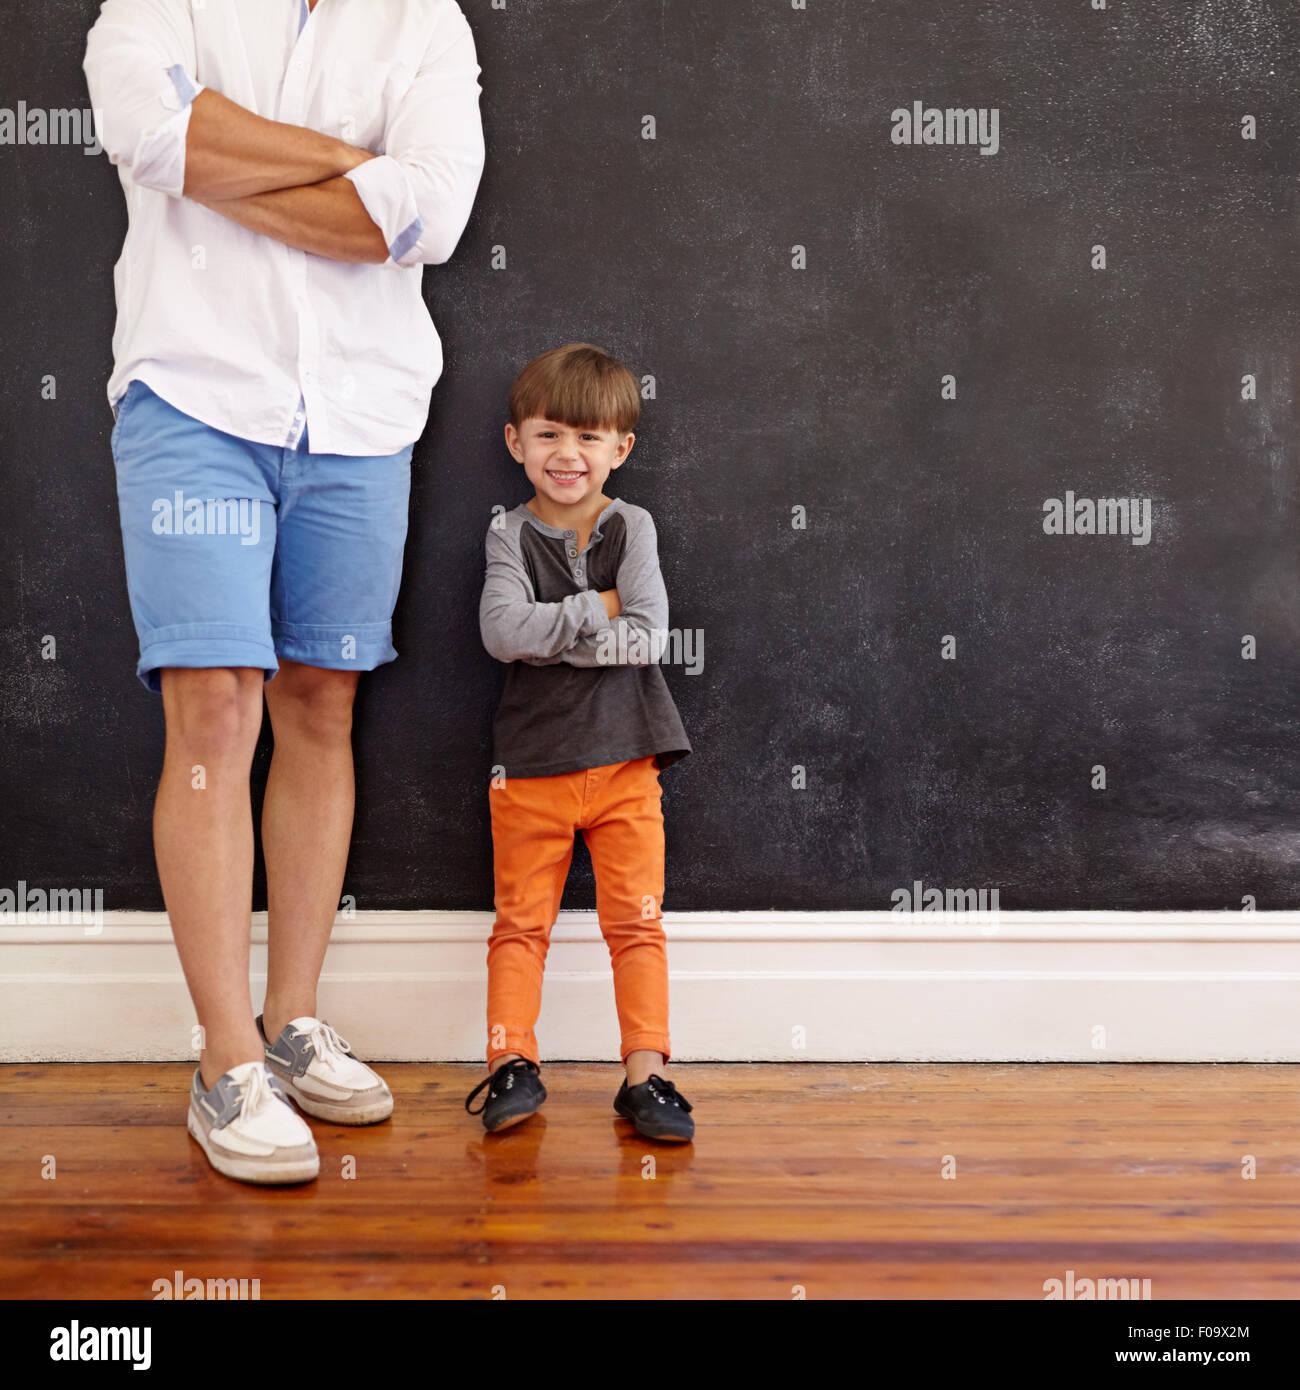 Filmación en interiores de chico de pie junto a su padre con las manos plegadas y sonriente. Captura recortada Imagen De Stock